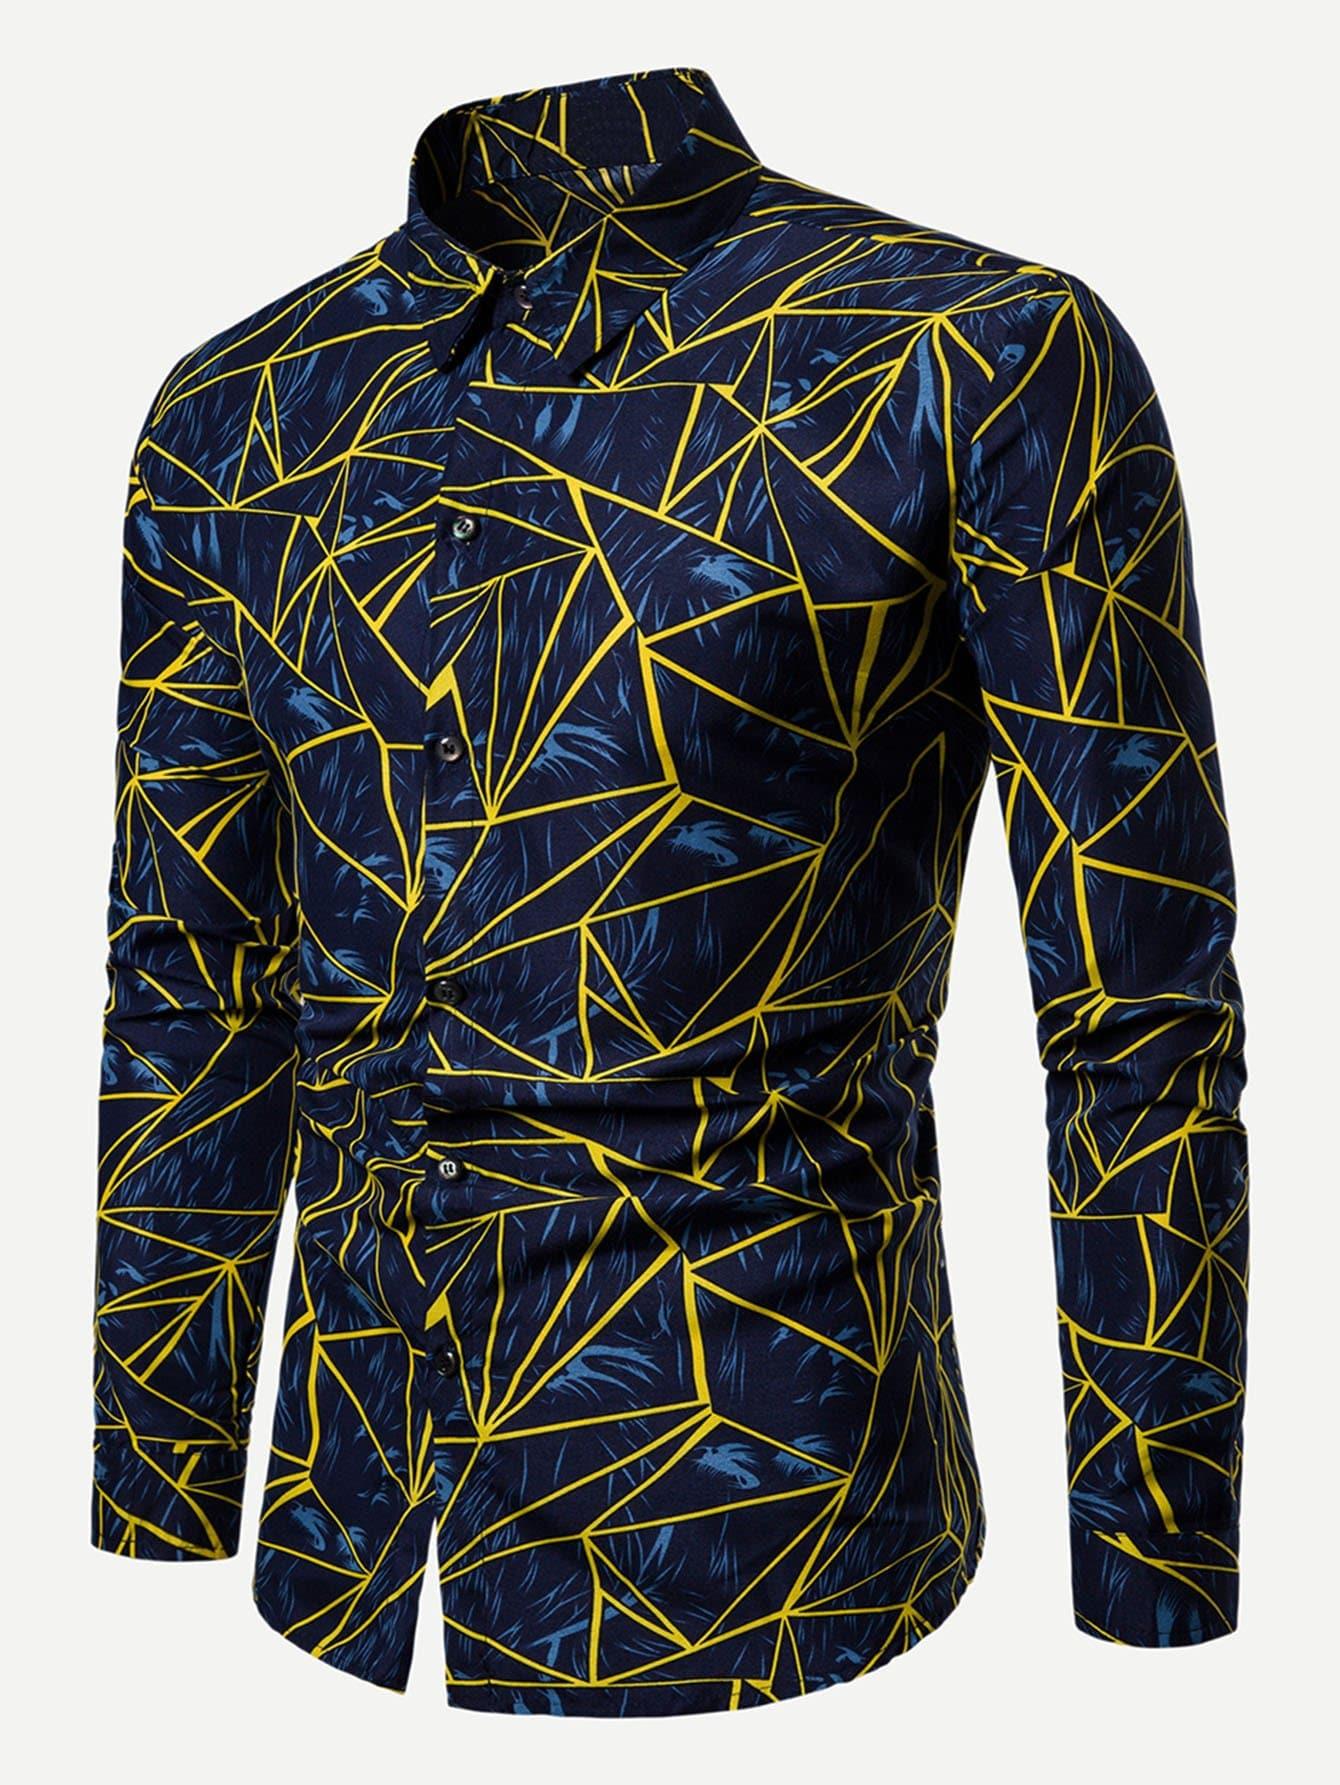 Купить Мужская футболка с принтом геометрических фигур, null, SheIn